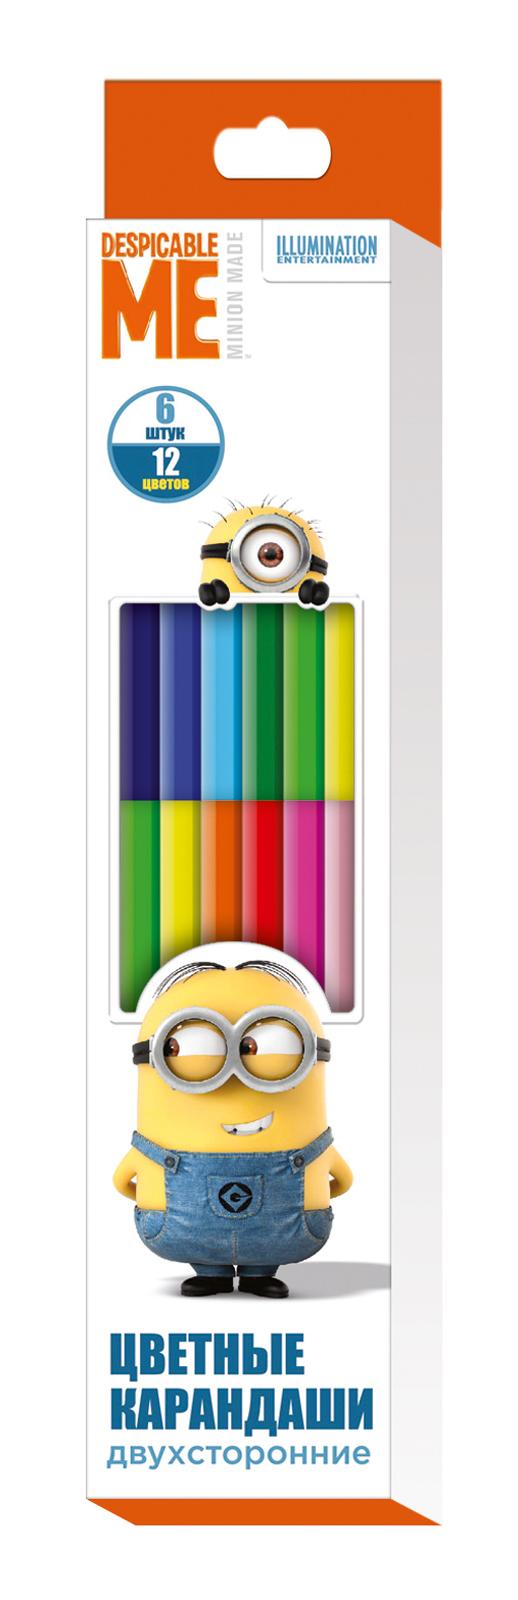 Цветные карандаши двусторонние Universal Stios «Гадкий Я»,  6 штук, 12цветовКарандаши<br>Цветные карандаши двусторонние Universal Stios «Гадкий Я»,  6 штук, 12цветов<br>